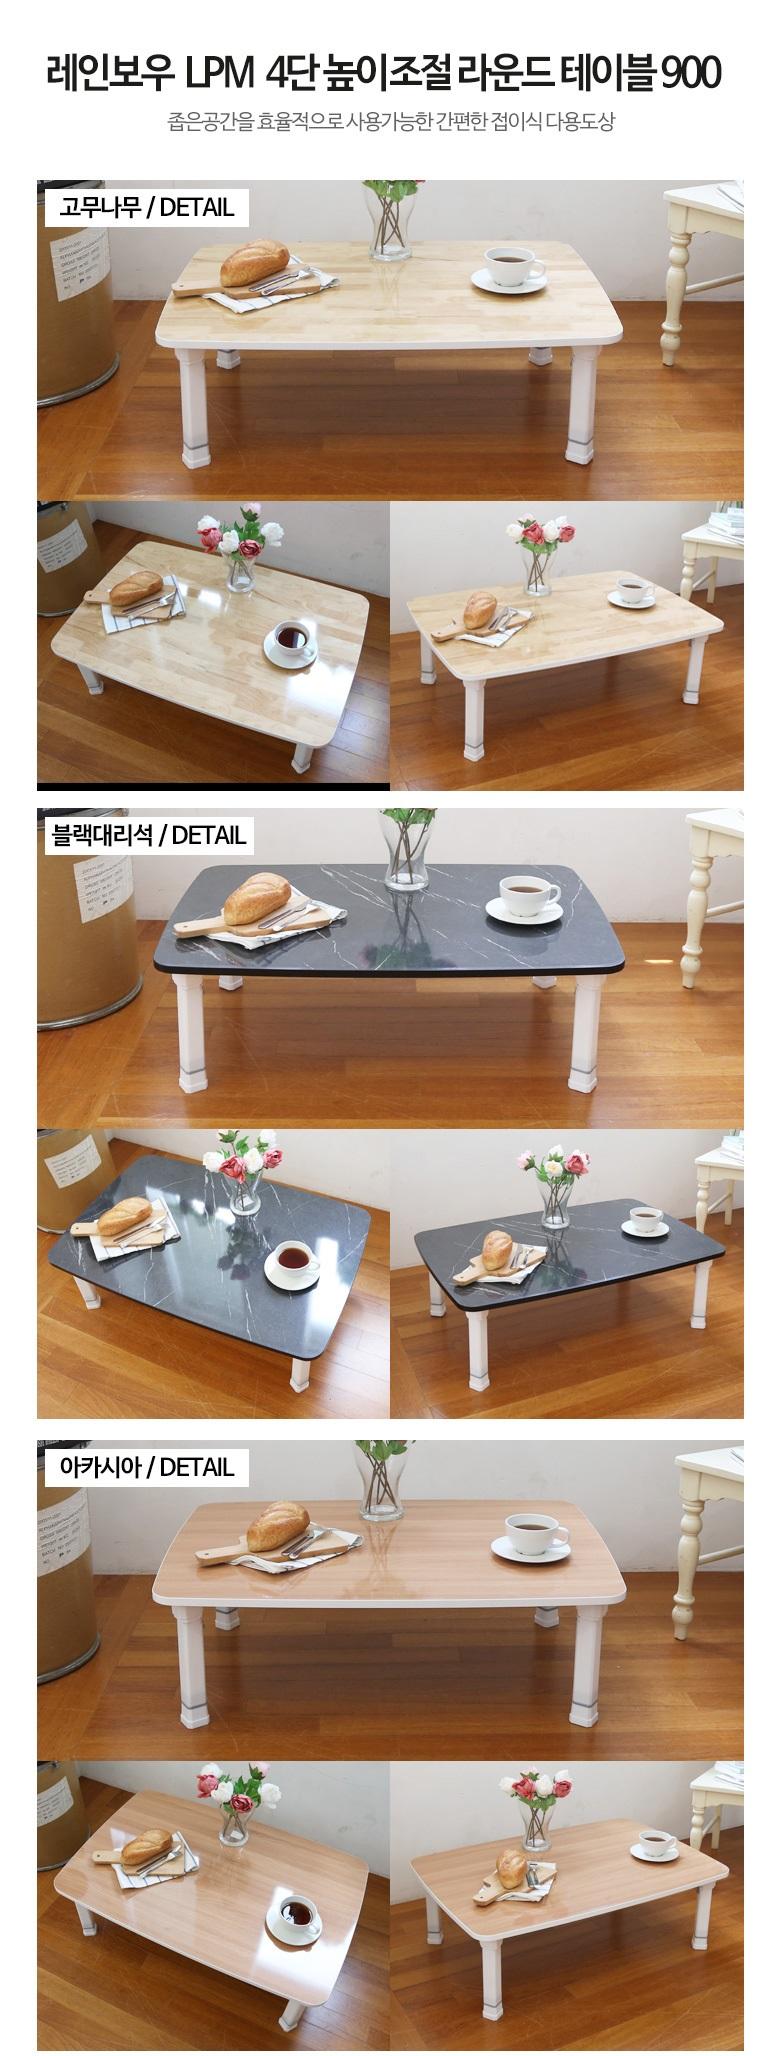 레인보우 LPM 4단 높이조절 라운드 접이식 테이블 특대 900 블랙대리석 - 레인보우, 34,900원, 식탁/의자, 밥상/다과상/좌식테이블